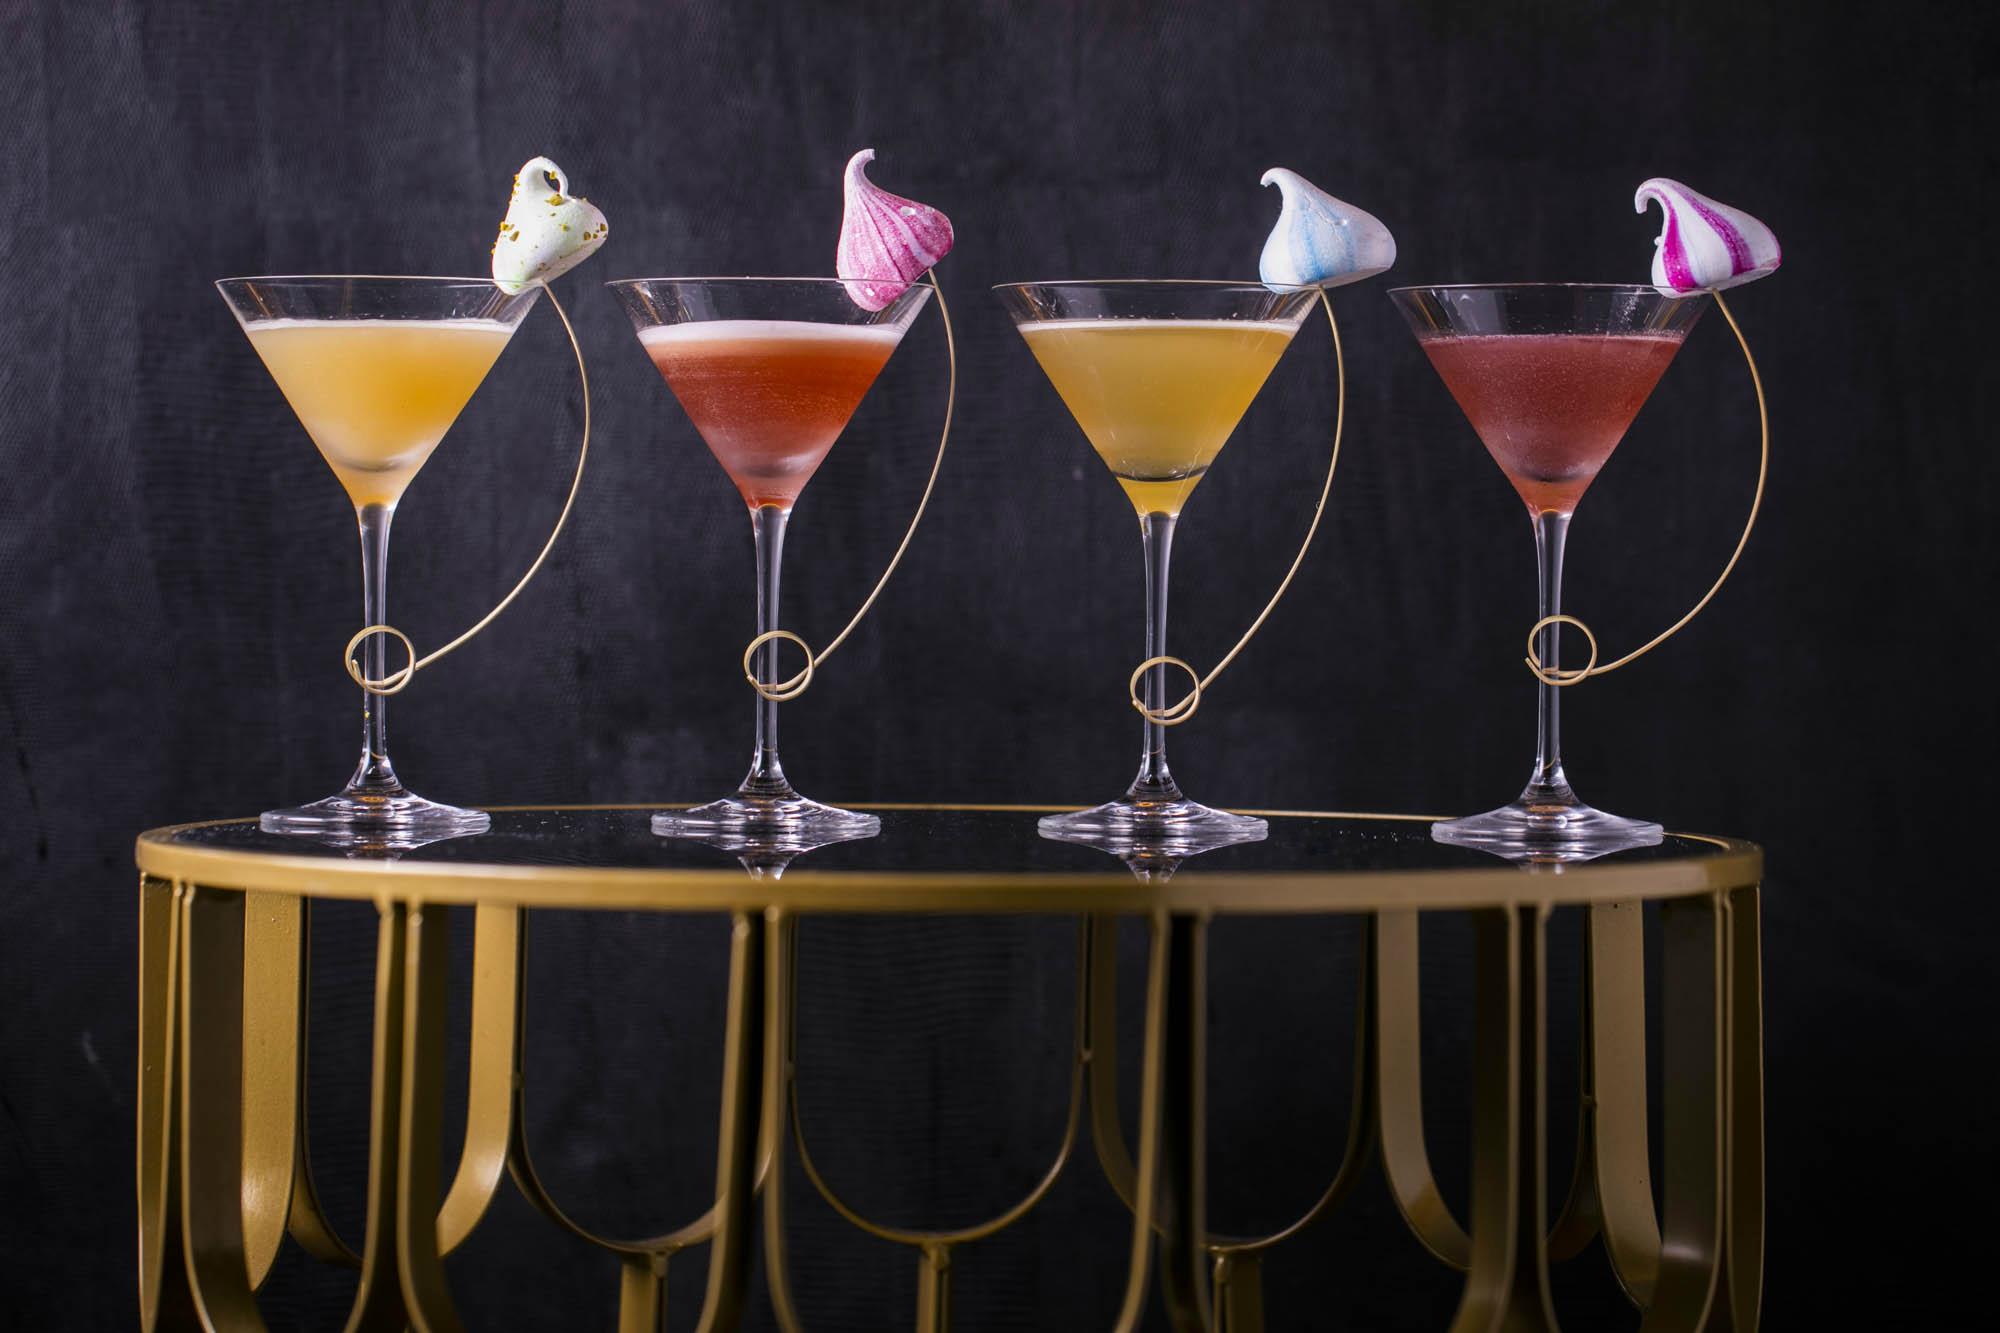 Martini's and Meringues at Qualingo's, London